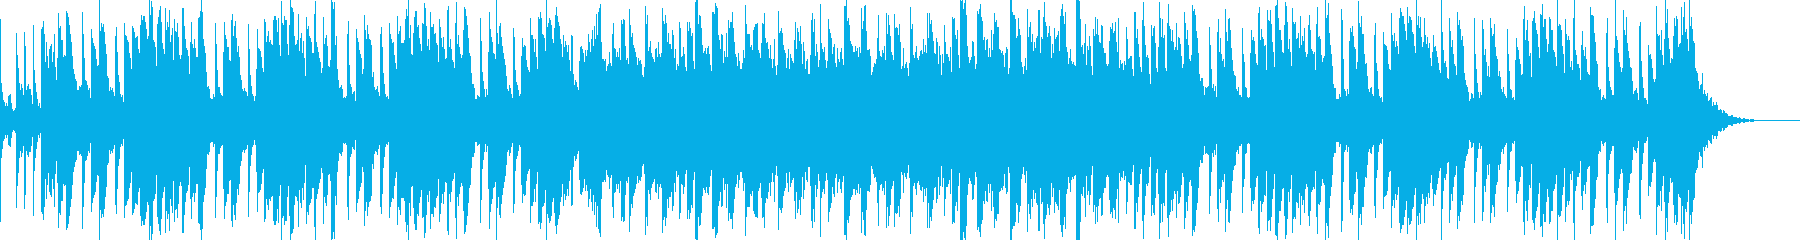 間抜けかわいいBGMの再生済みの波形